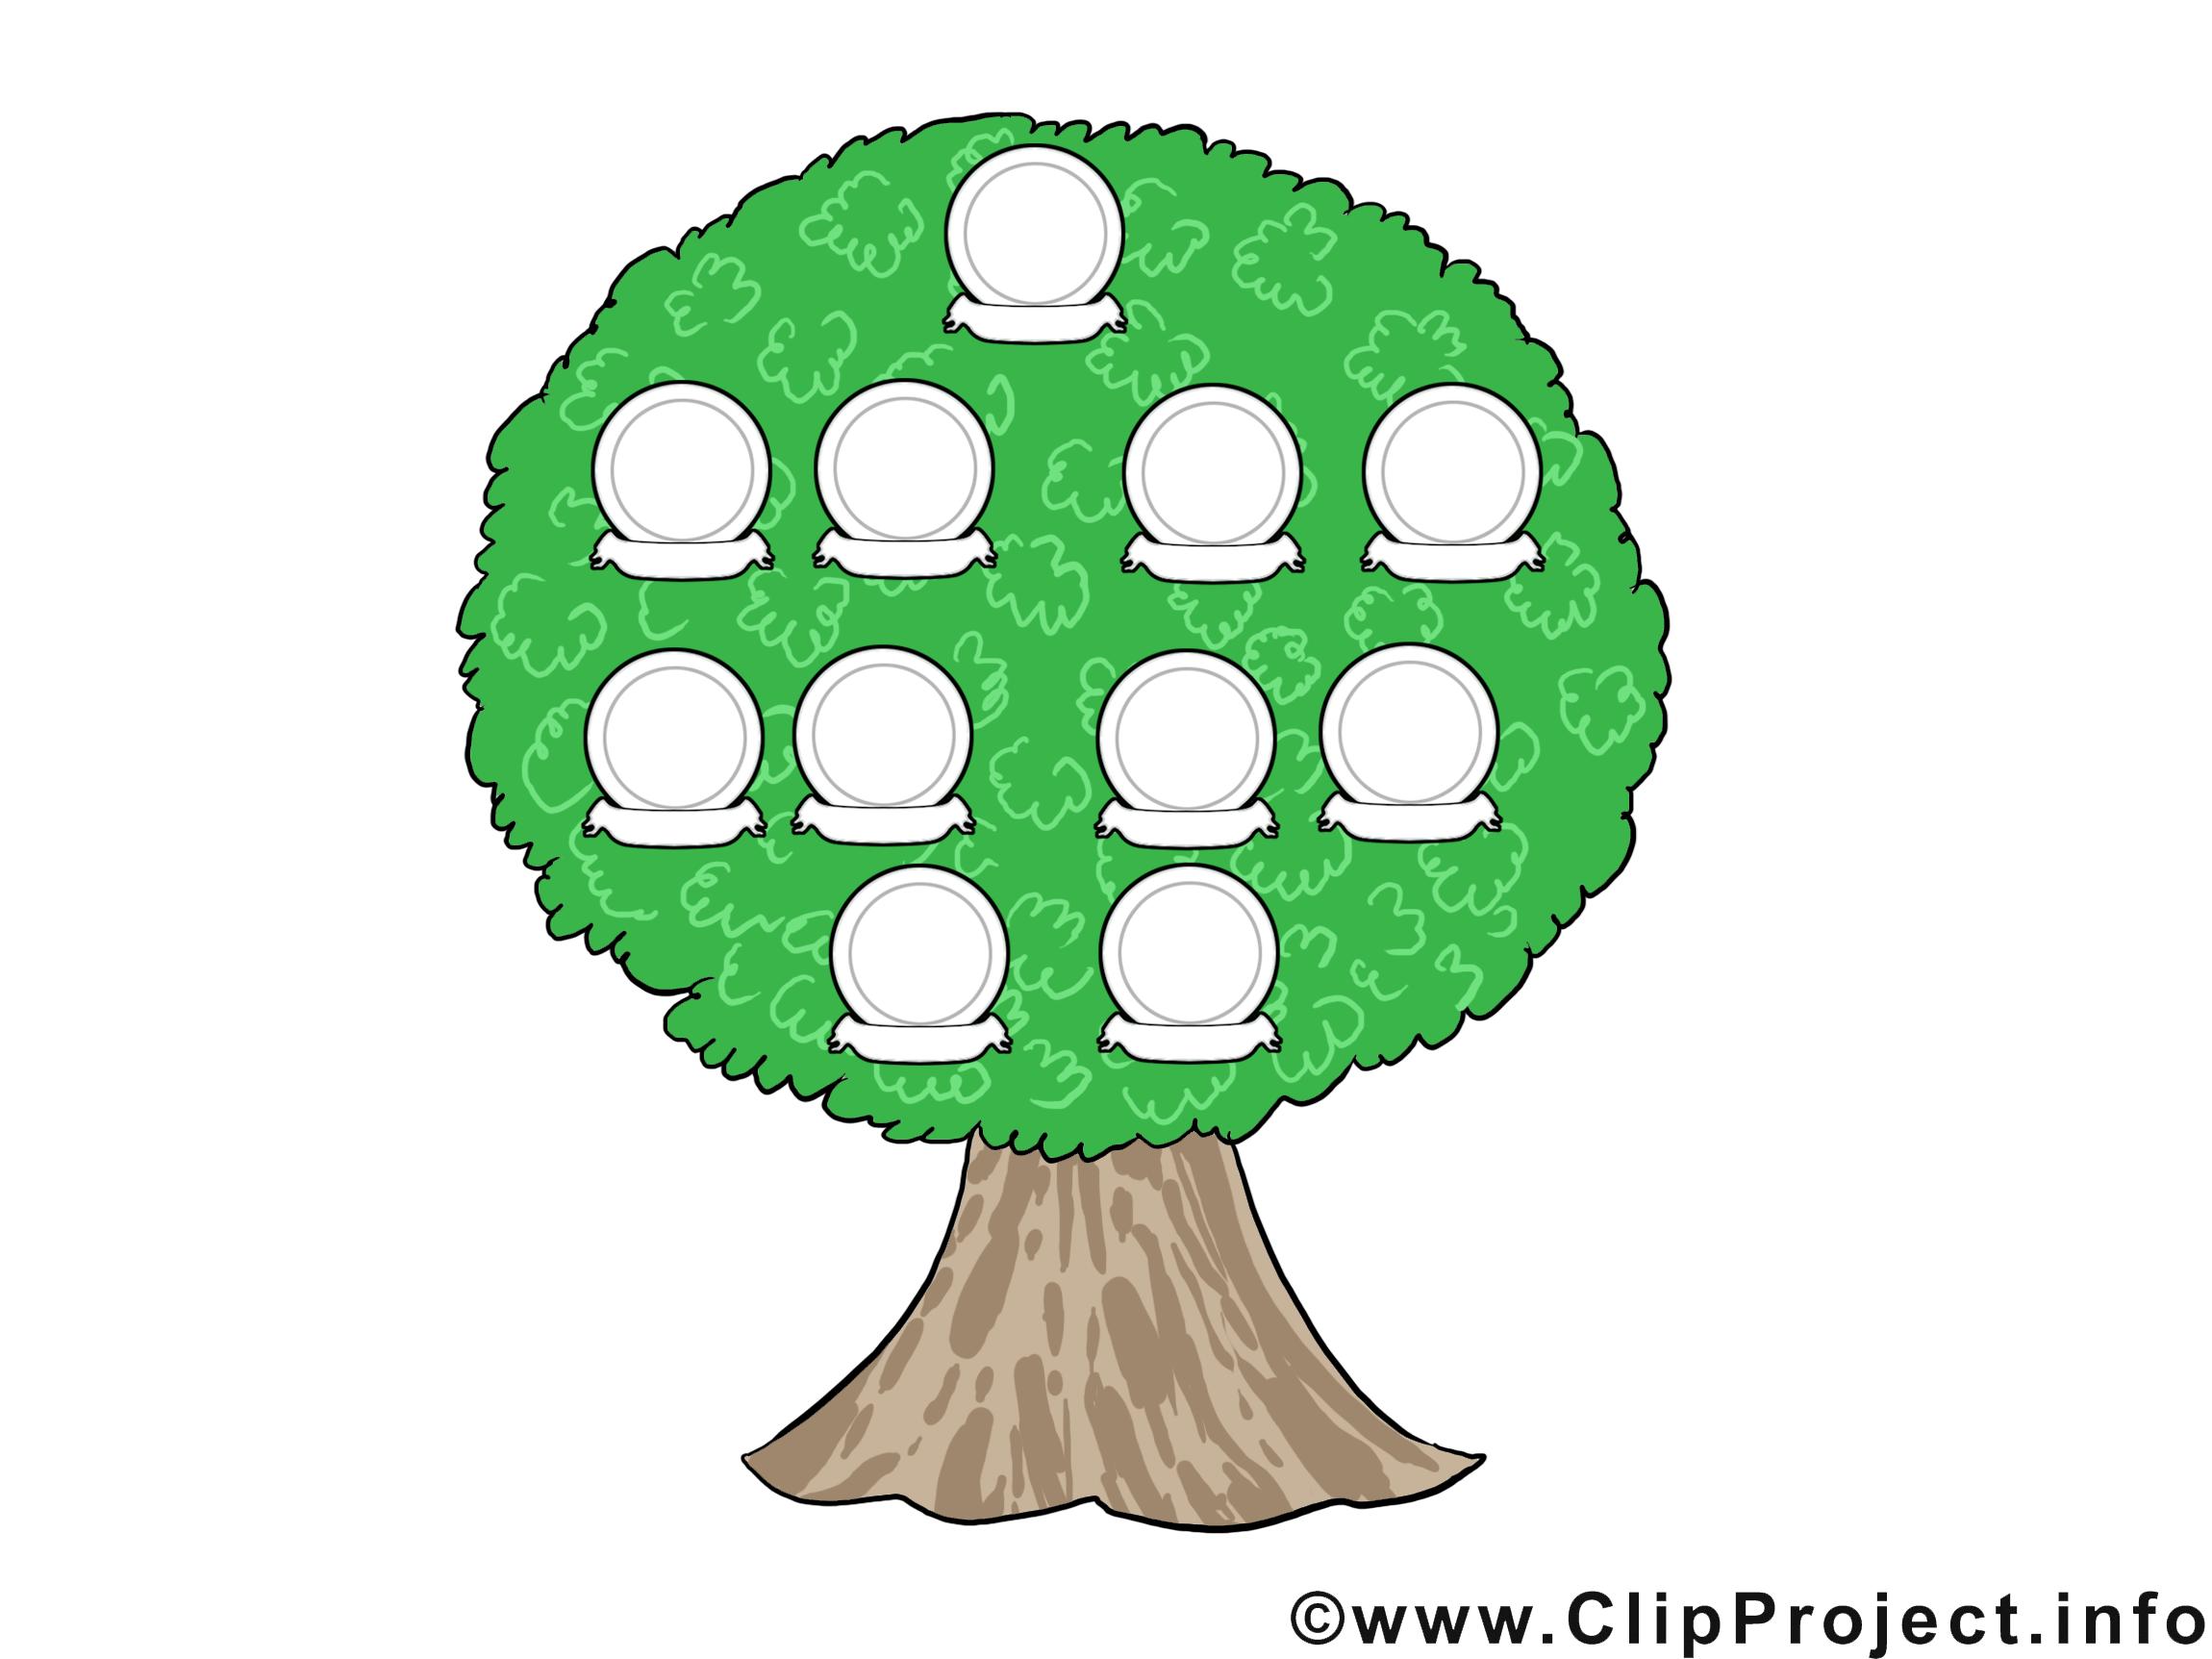 Stammbaum erstellen vorlage for Stammbaum zum ausdrucken